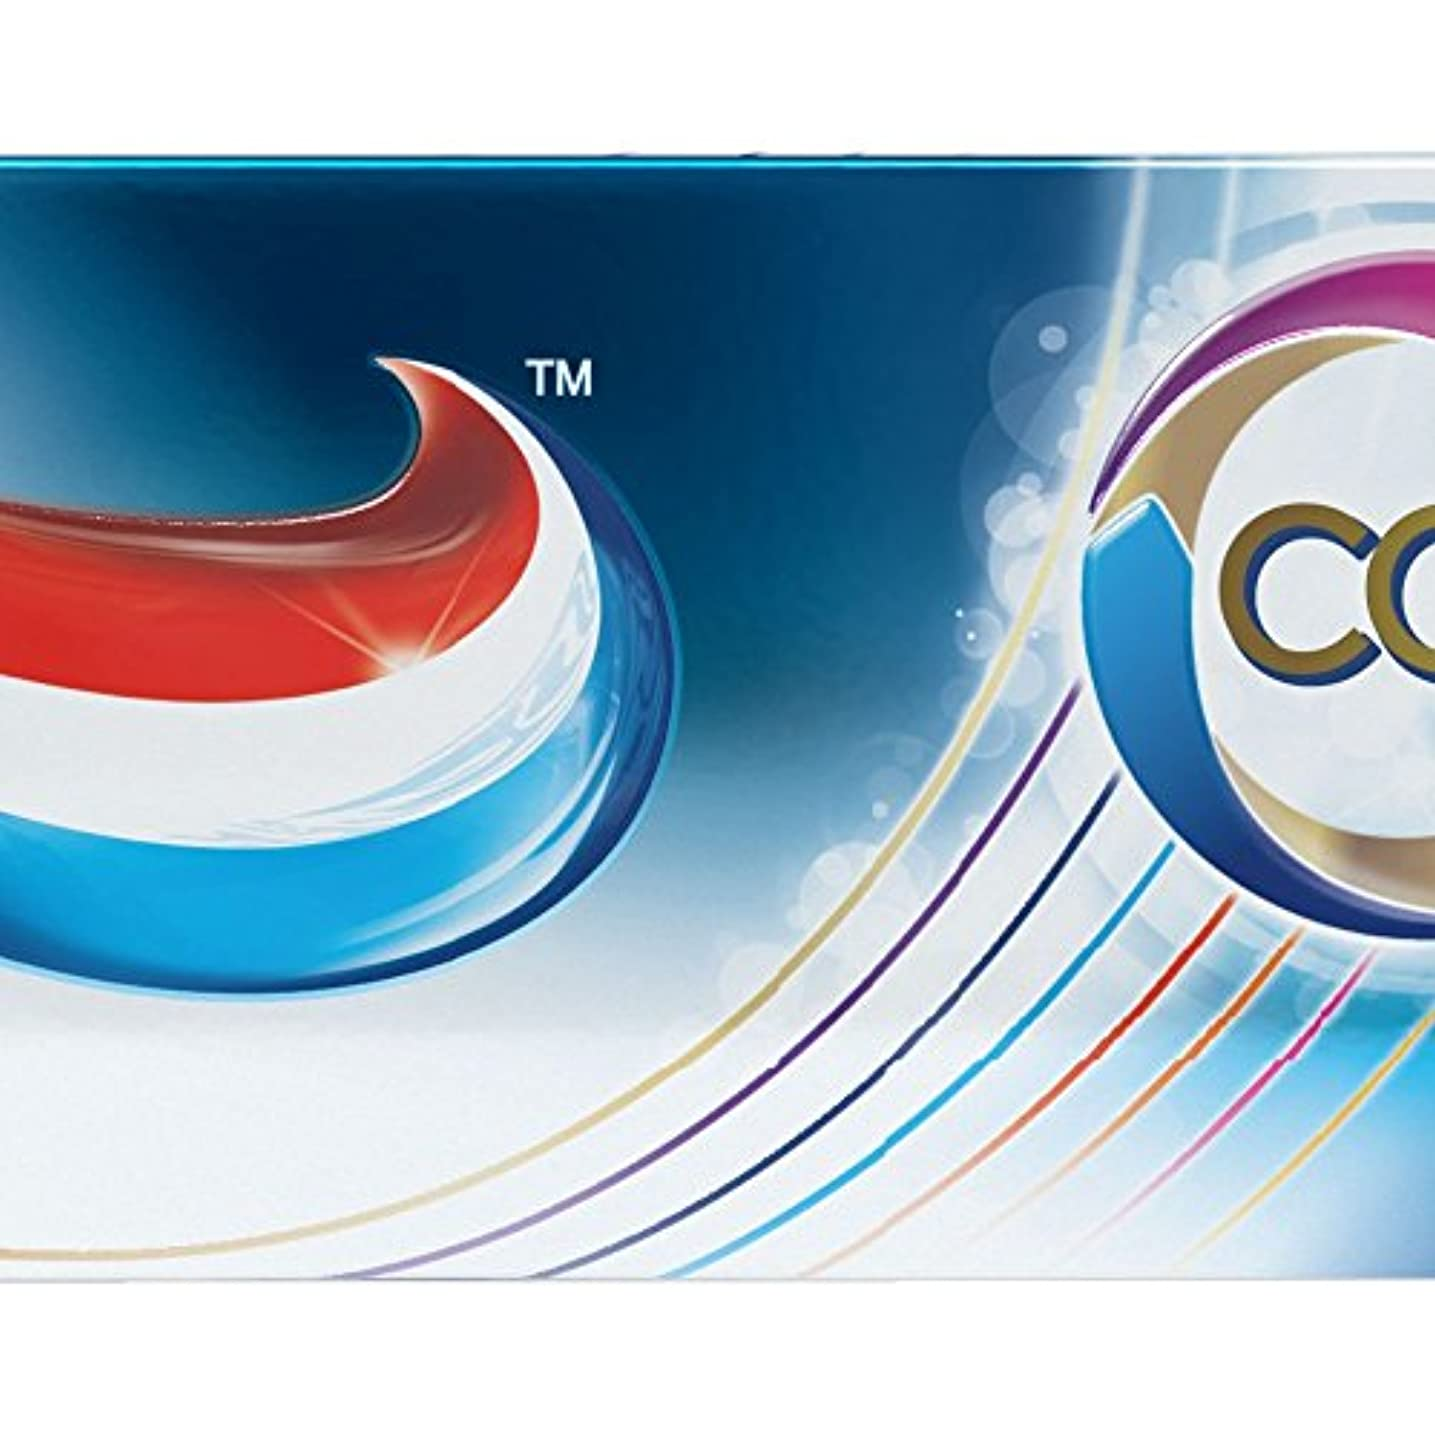 四分円ミス暗殺者Aquafresh Complete Care Fluoride Toothpaste (75ml) アクアフレッシュコンプリートケアフッ化物歯磨き粉( 75ミリリットル) [並行輸入品]